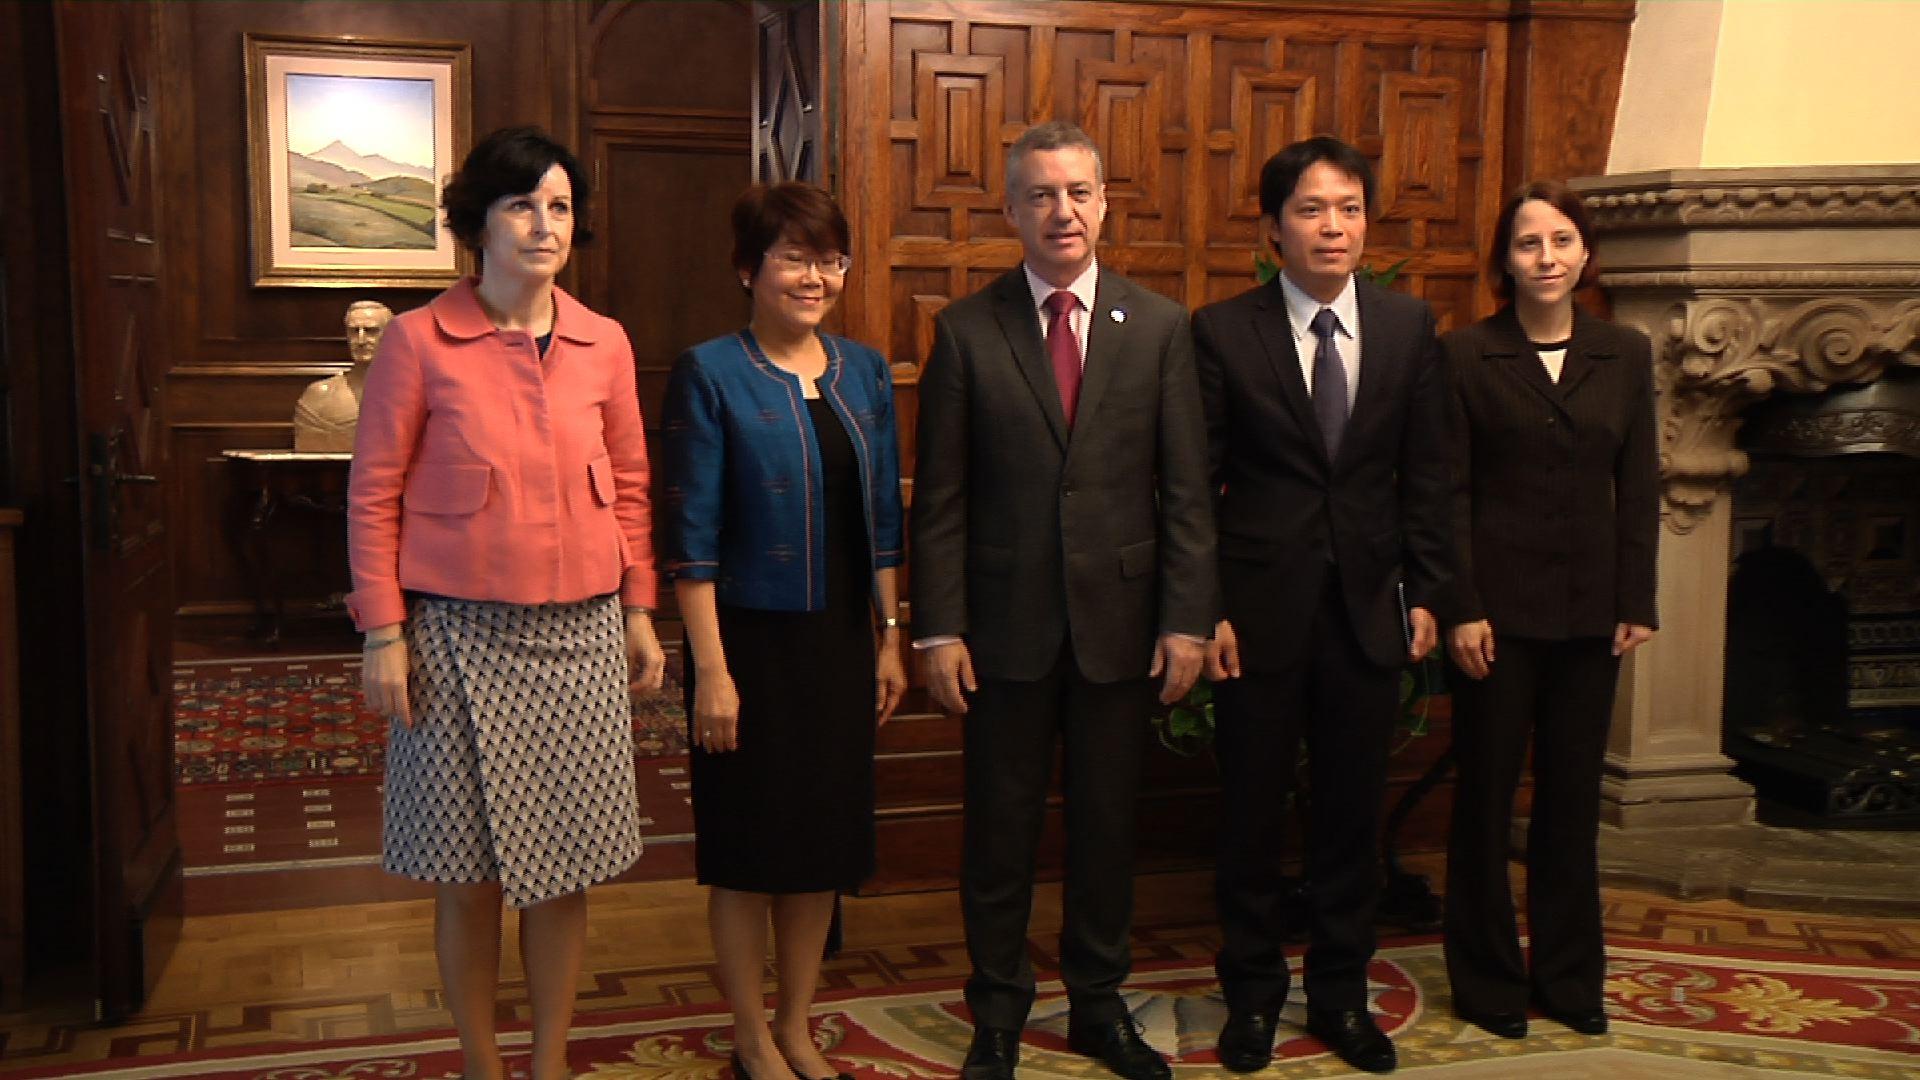 Lehendakariak Thailandiako enbaxadorea hartuko du [0:51]